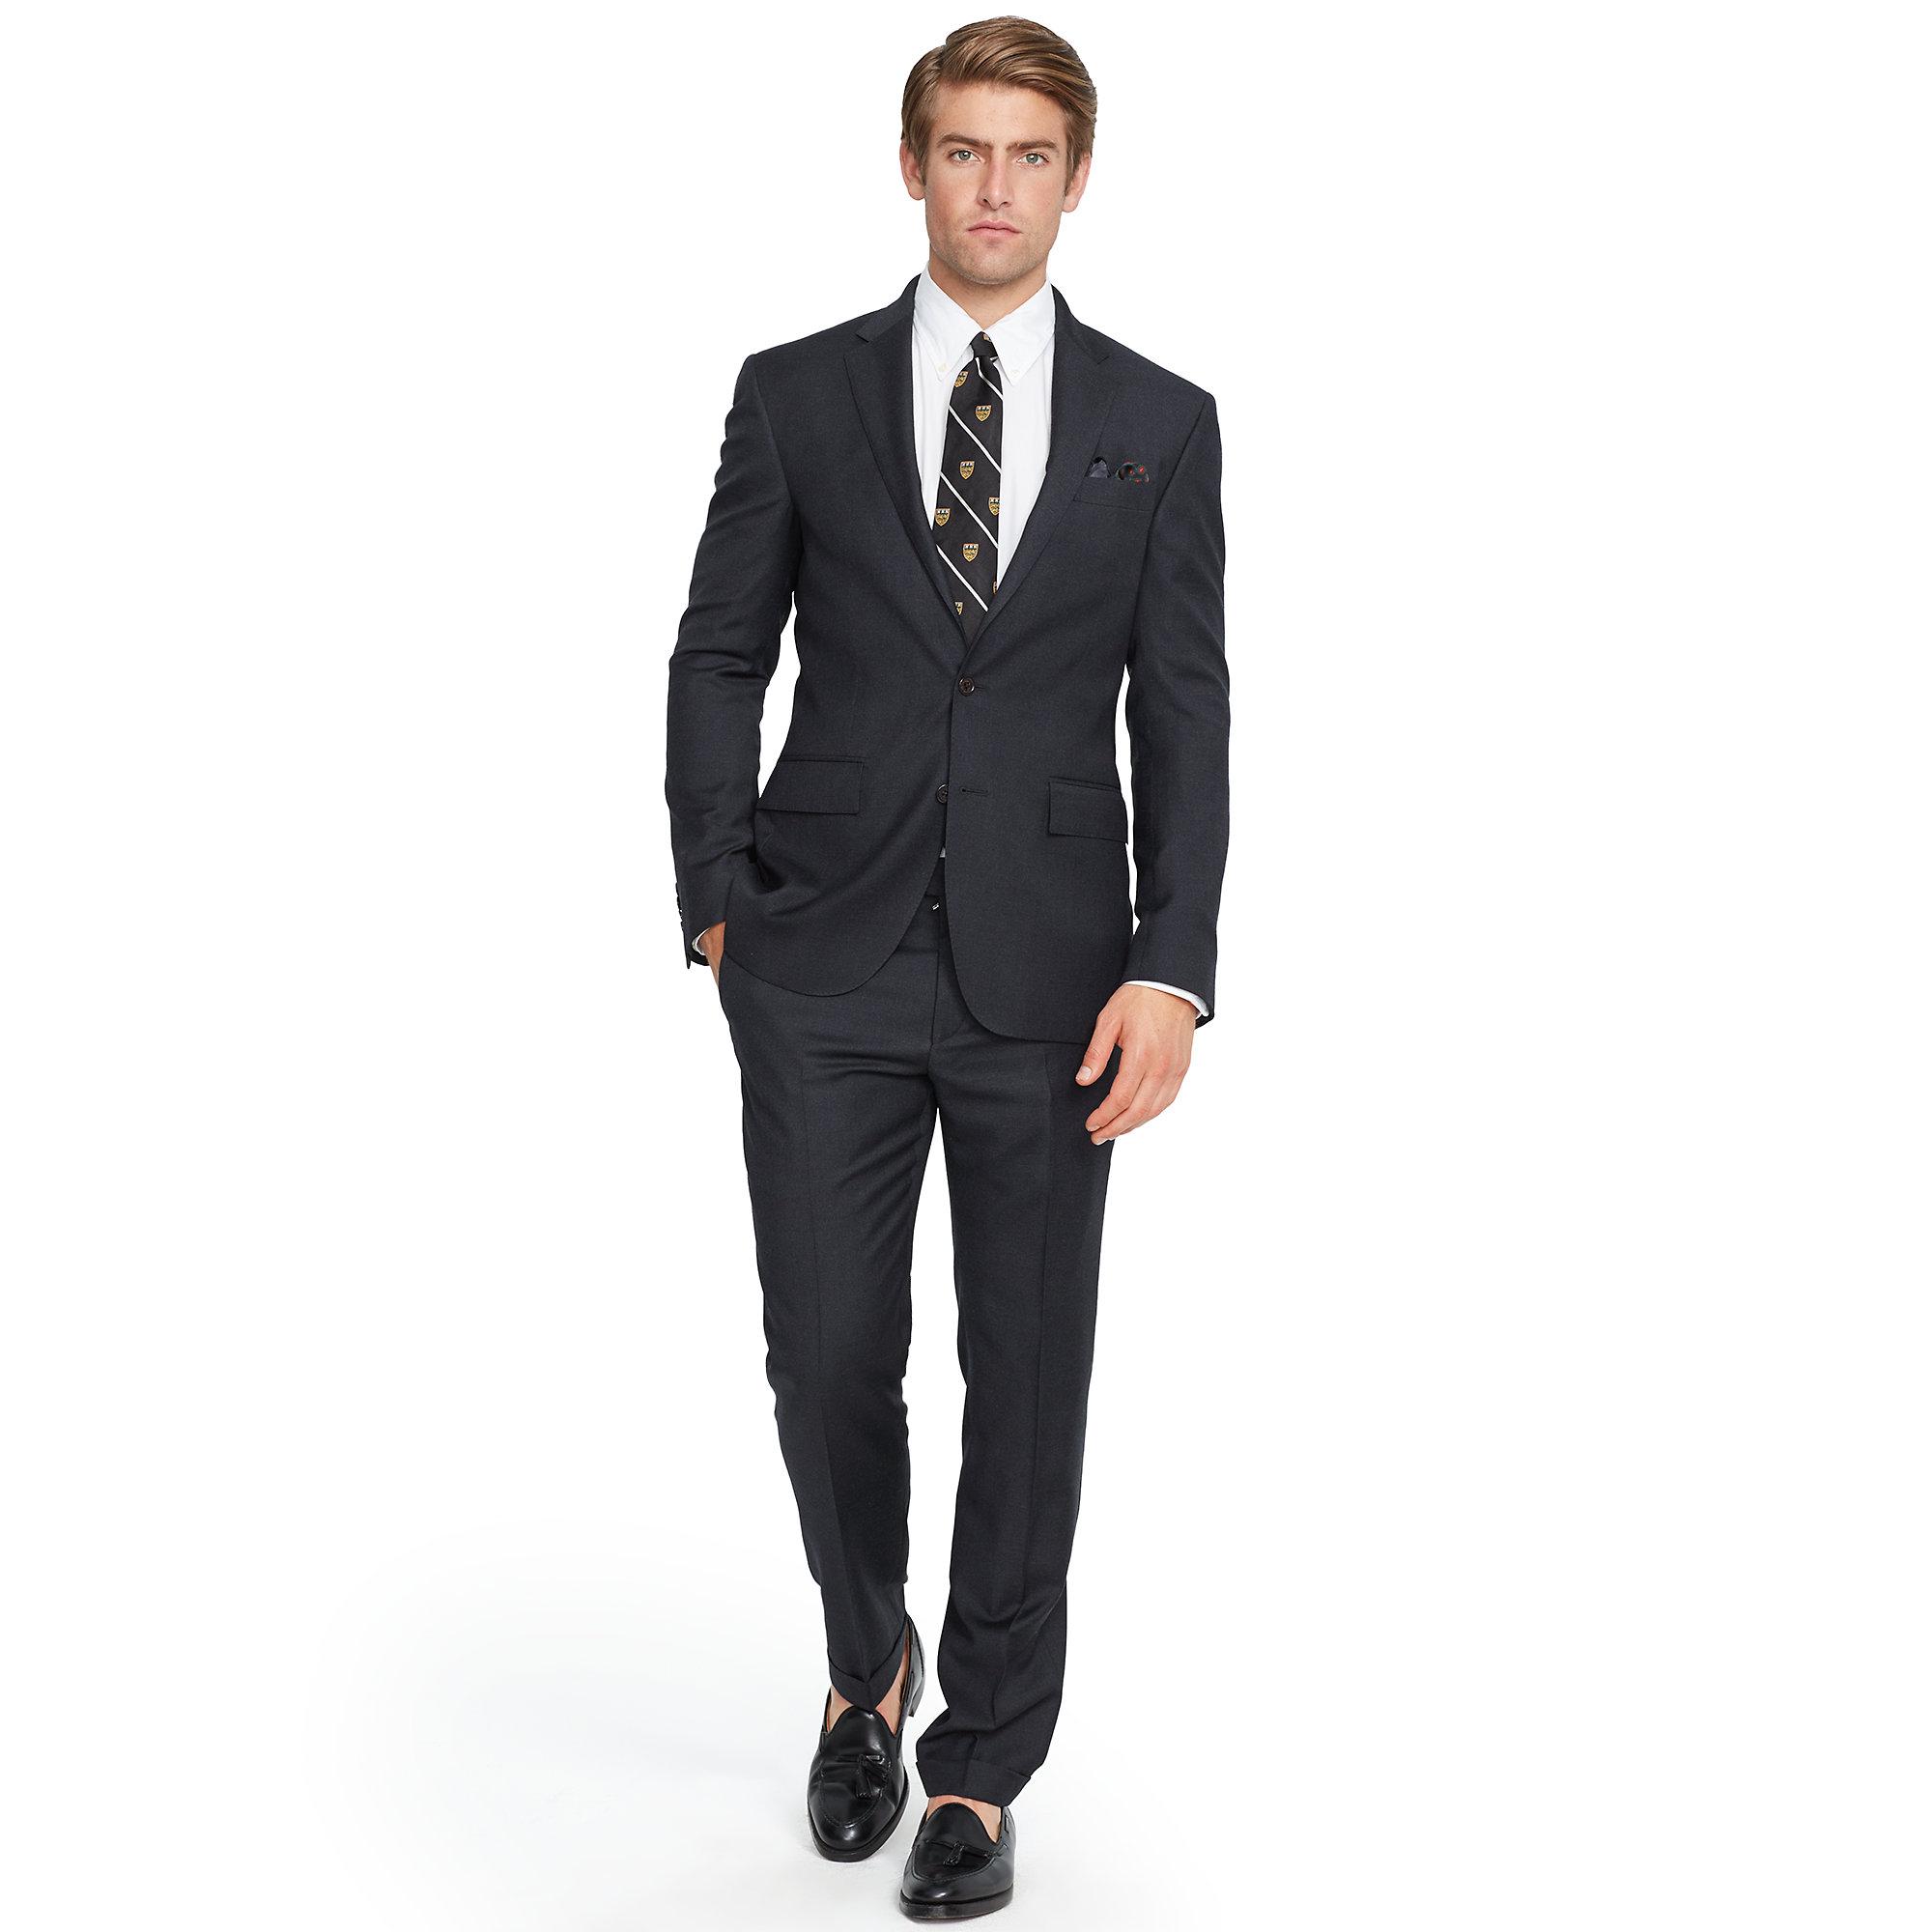 Lauren Ralph Lauren Suit Men's Suits at Macy's come in all styles and sizes. Shop Lauren Ralph Lauren Suit Men's Suits and get free shipping w/minimum purchase!